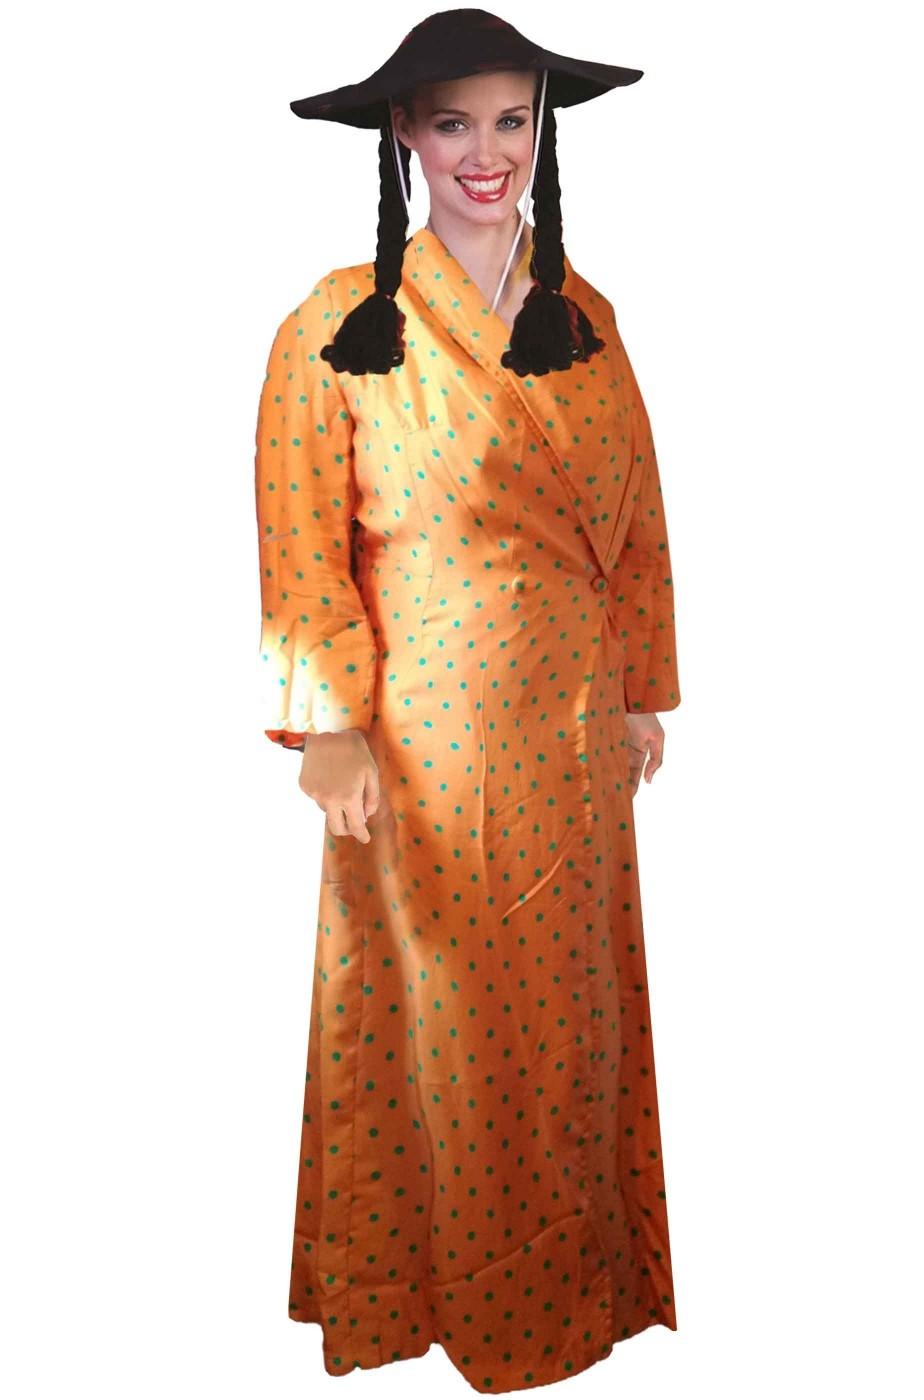 Vestito di carnevale da cinese arancione di seta